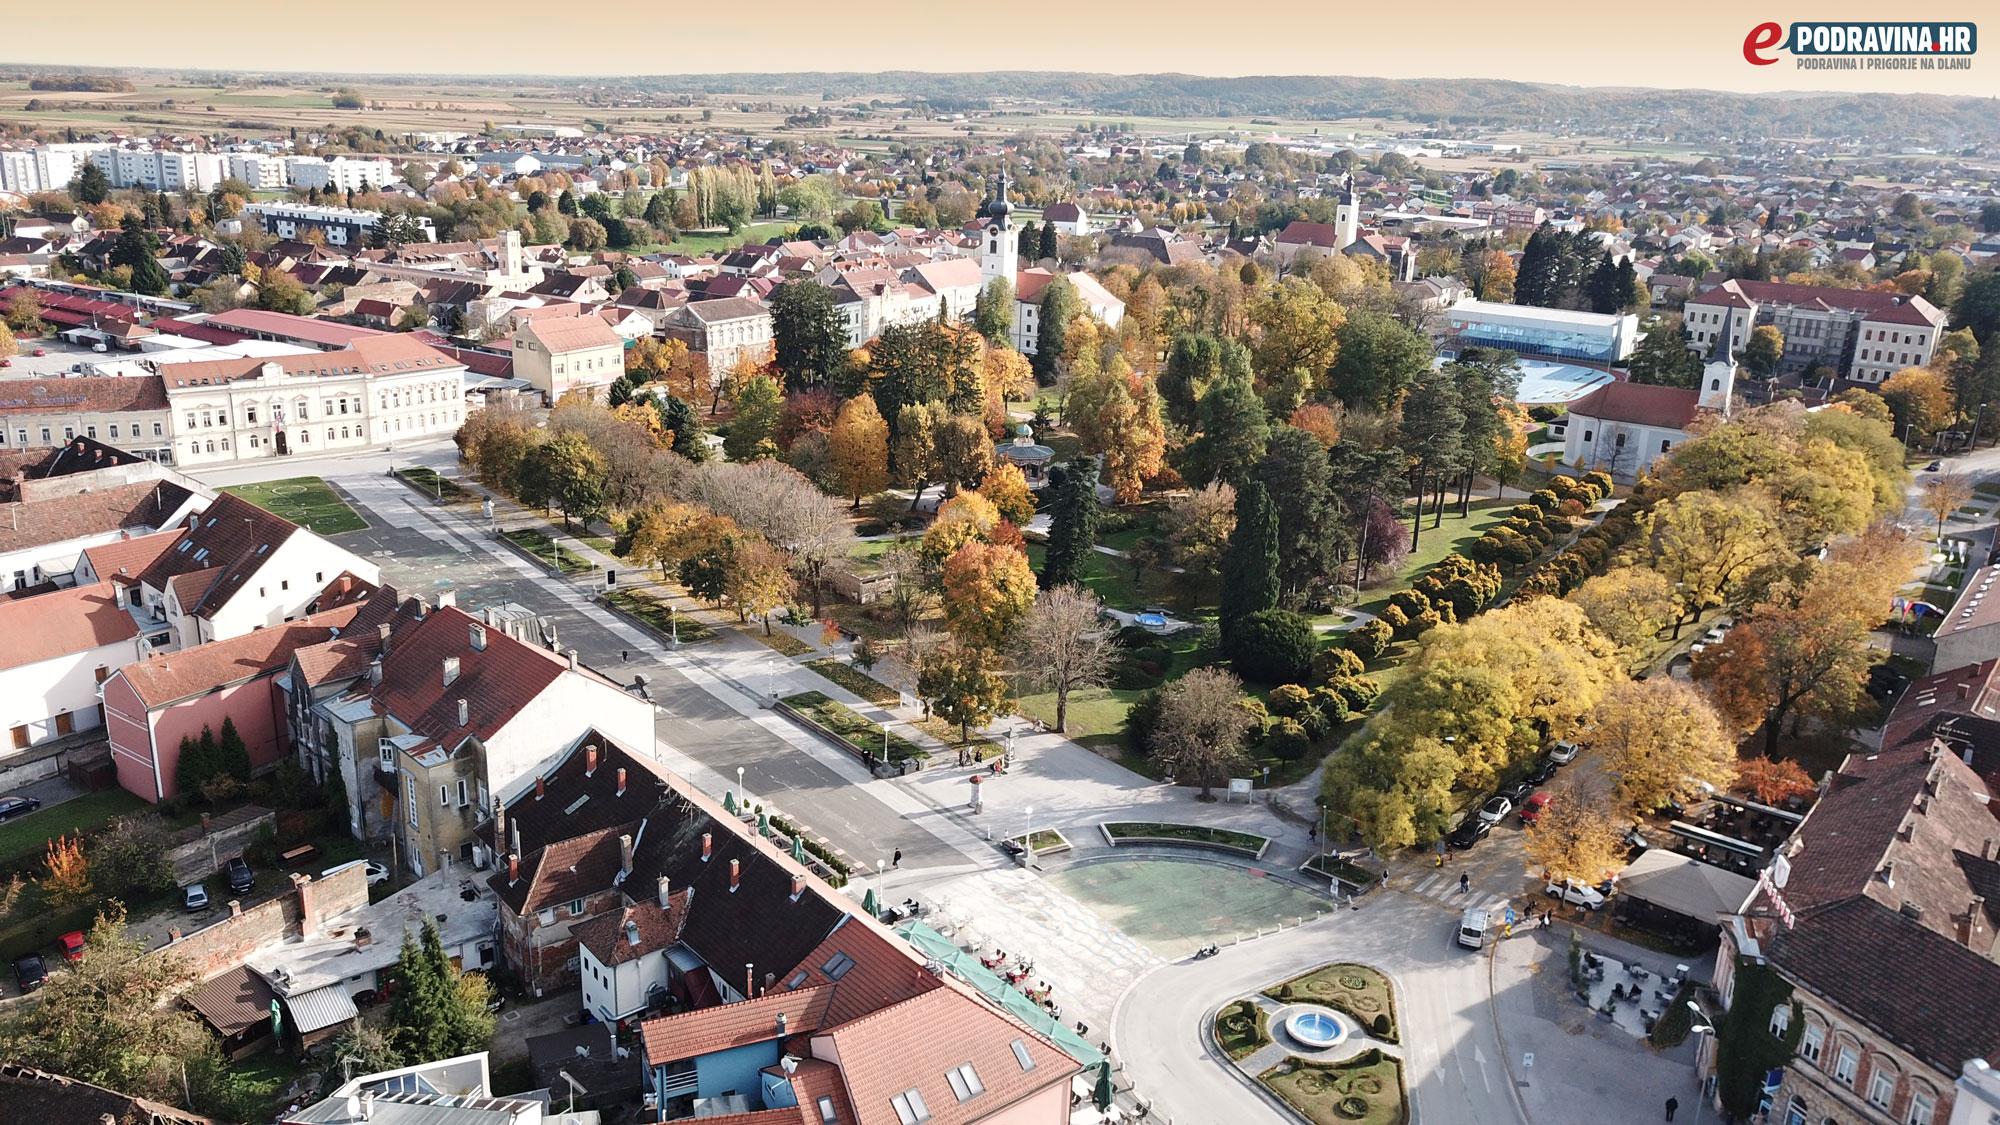 Zrinski trg u Koprivnici u jesen - panorama iz zraka